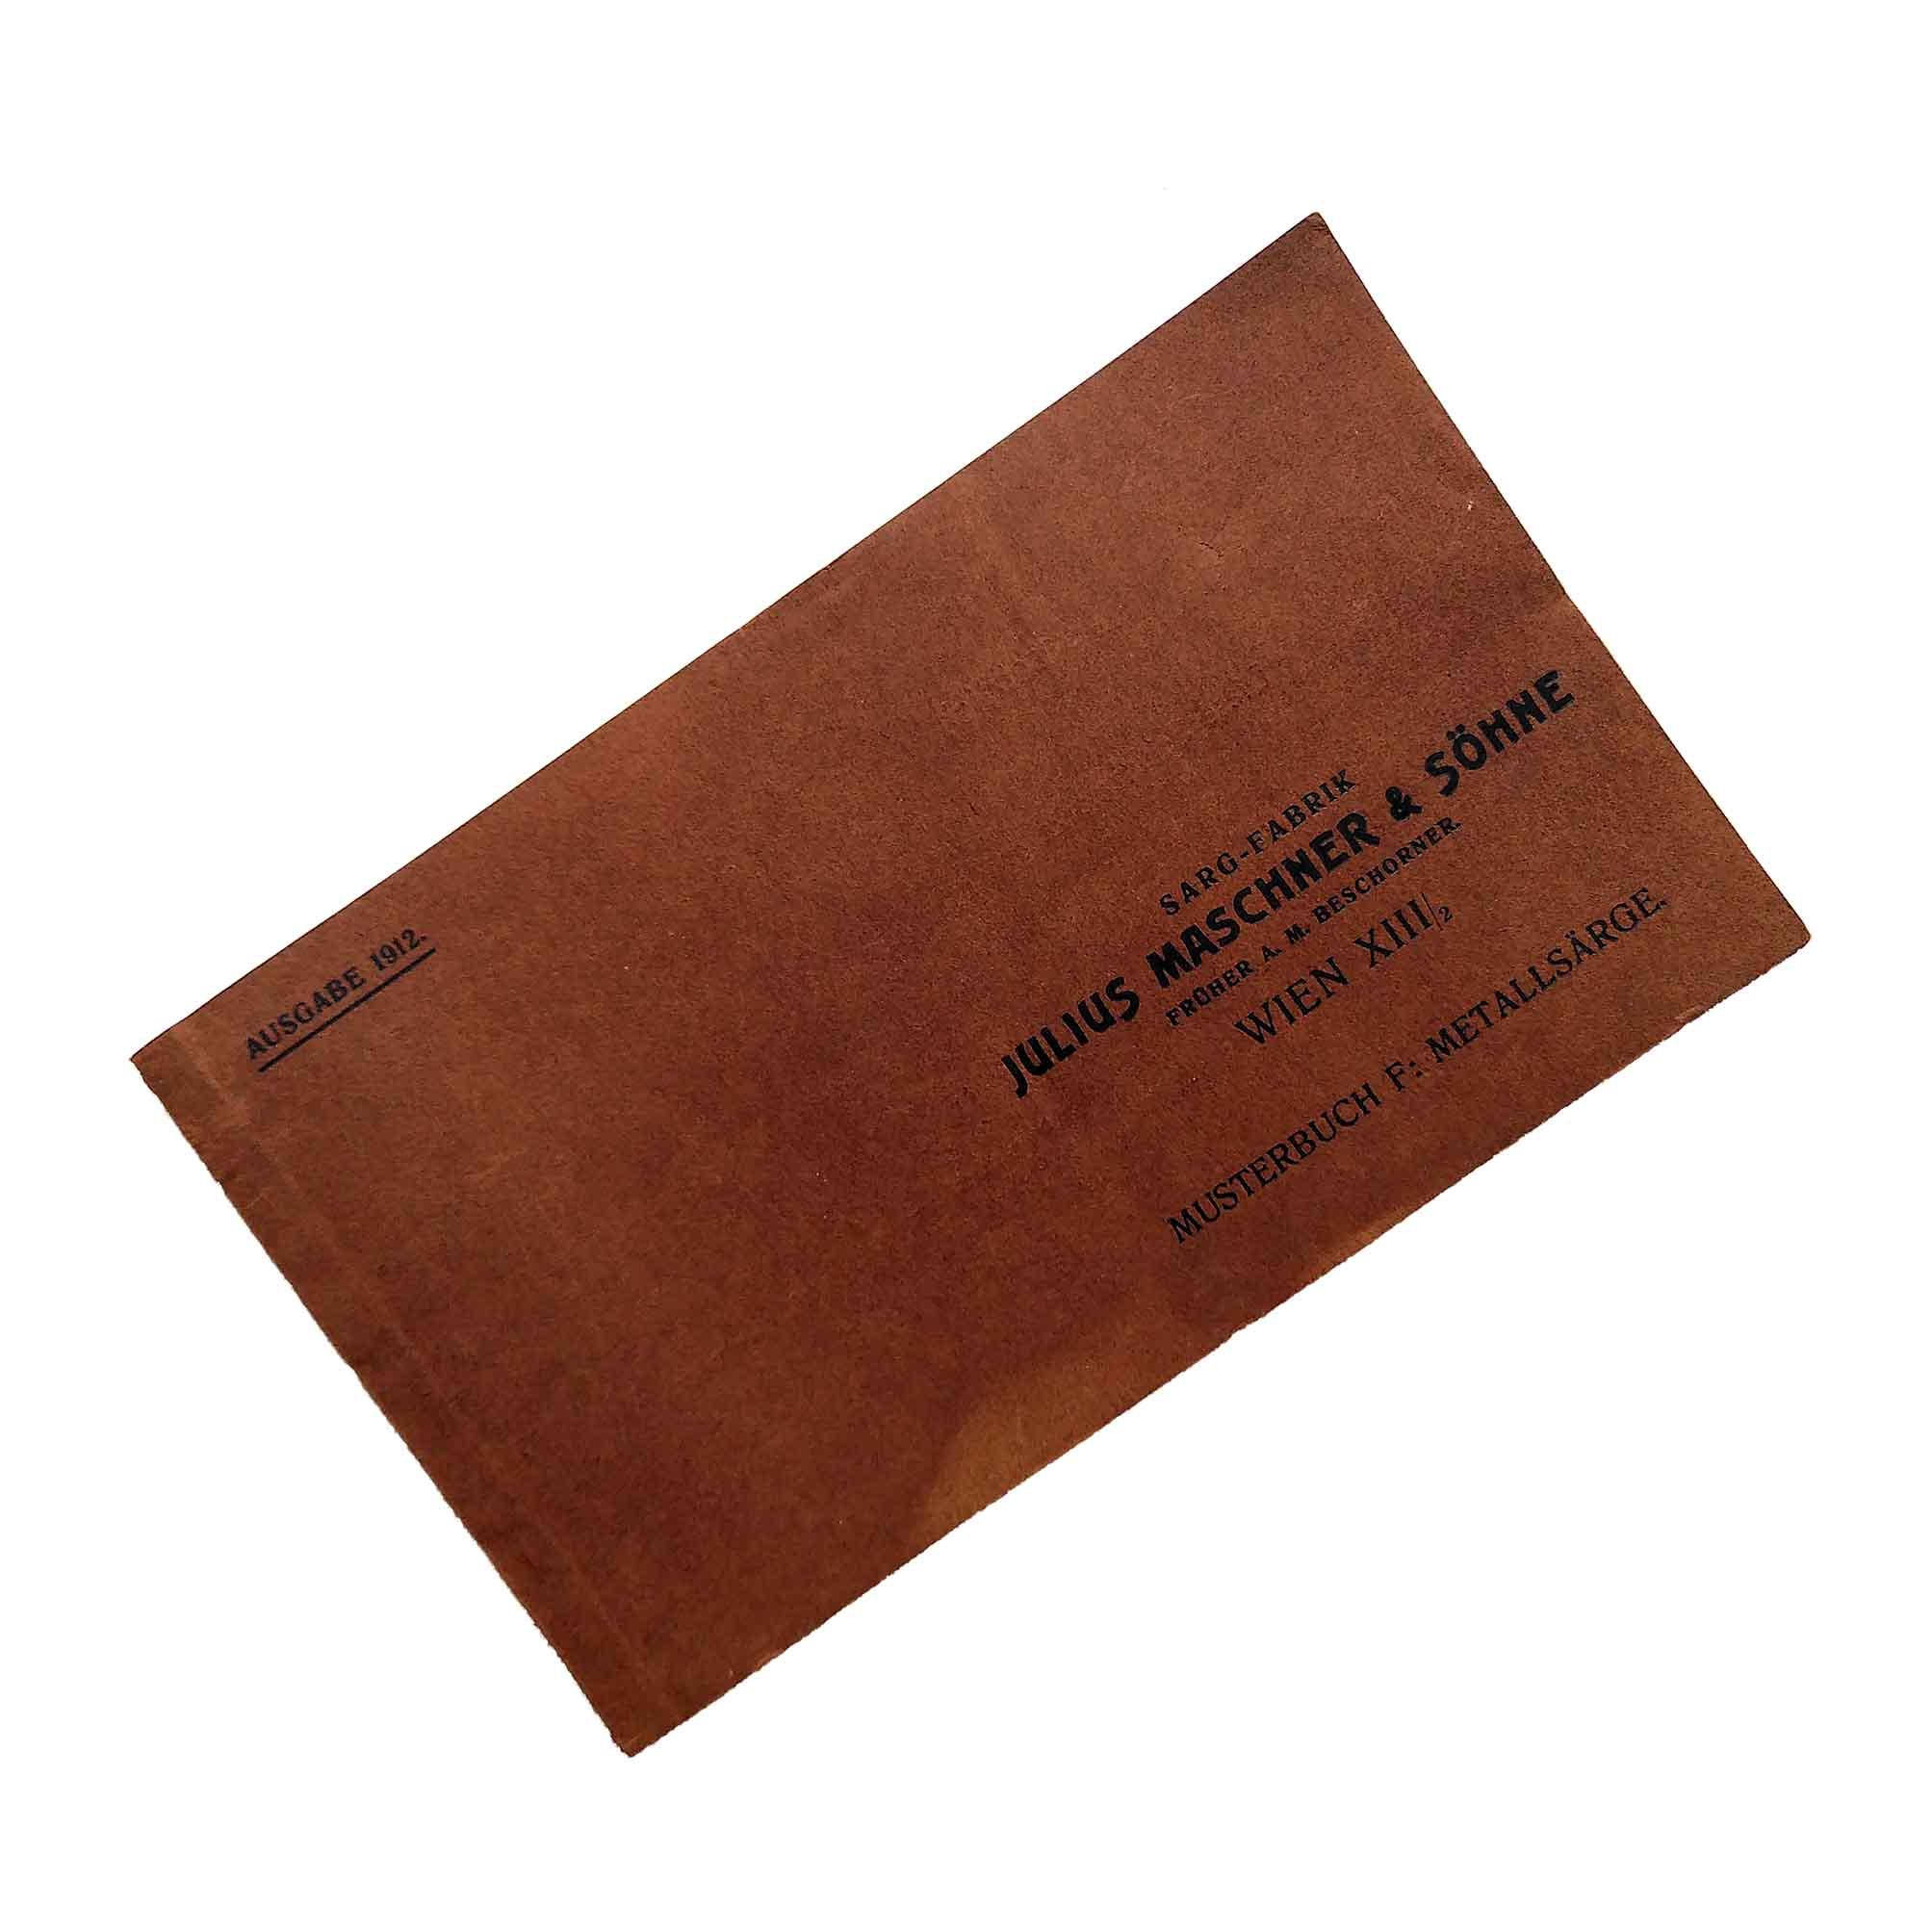 5993-Maschner-Metallsaerge-Musterbuch-1912-Umschlag-frei-N.jpg